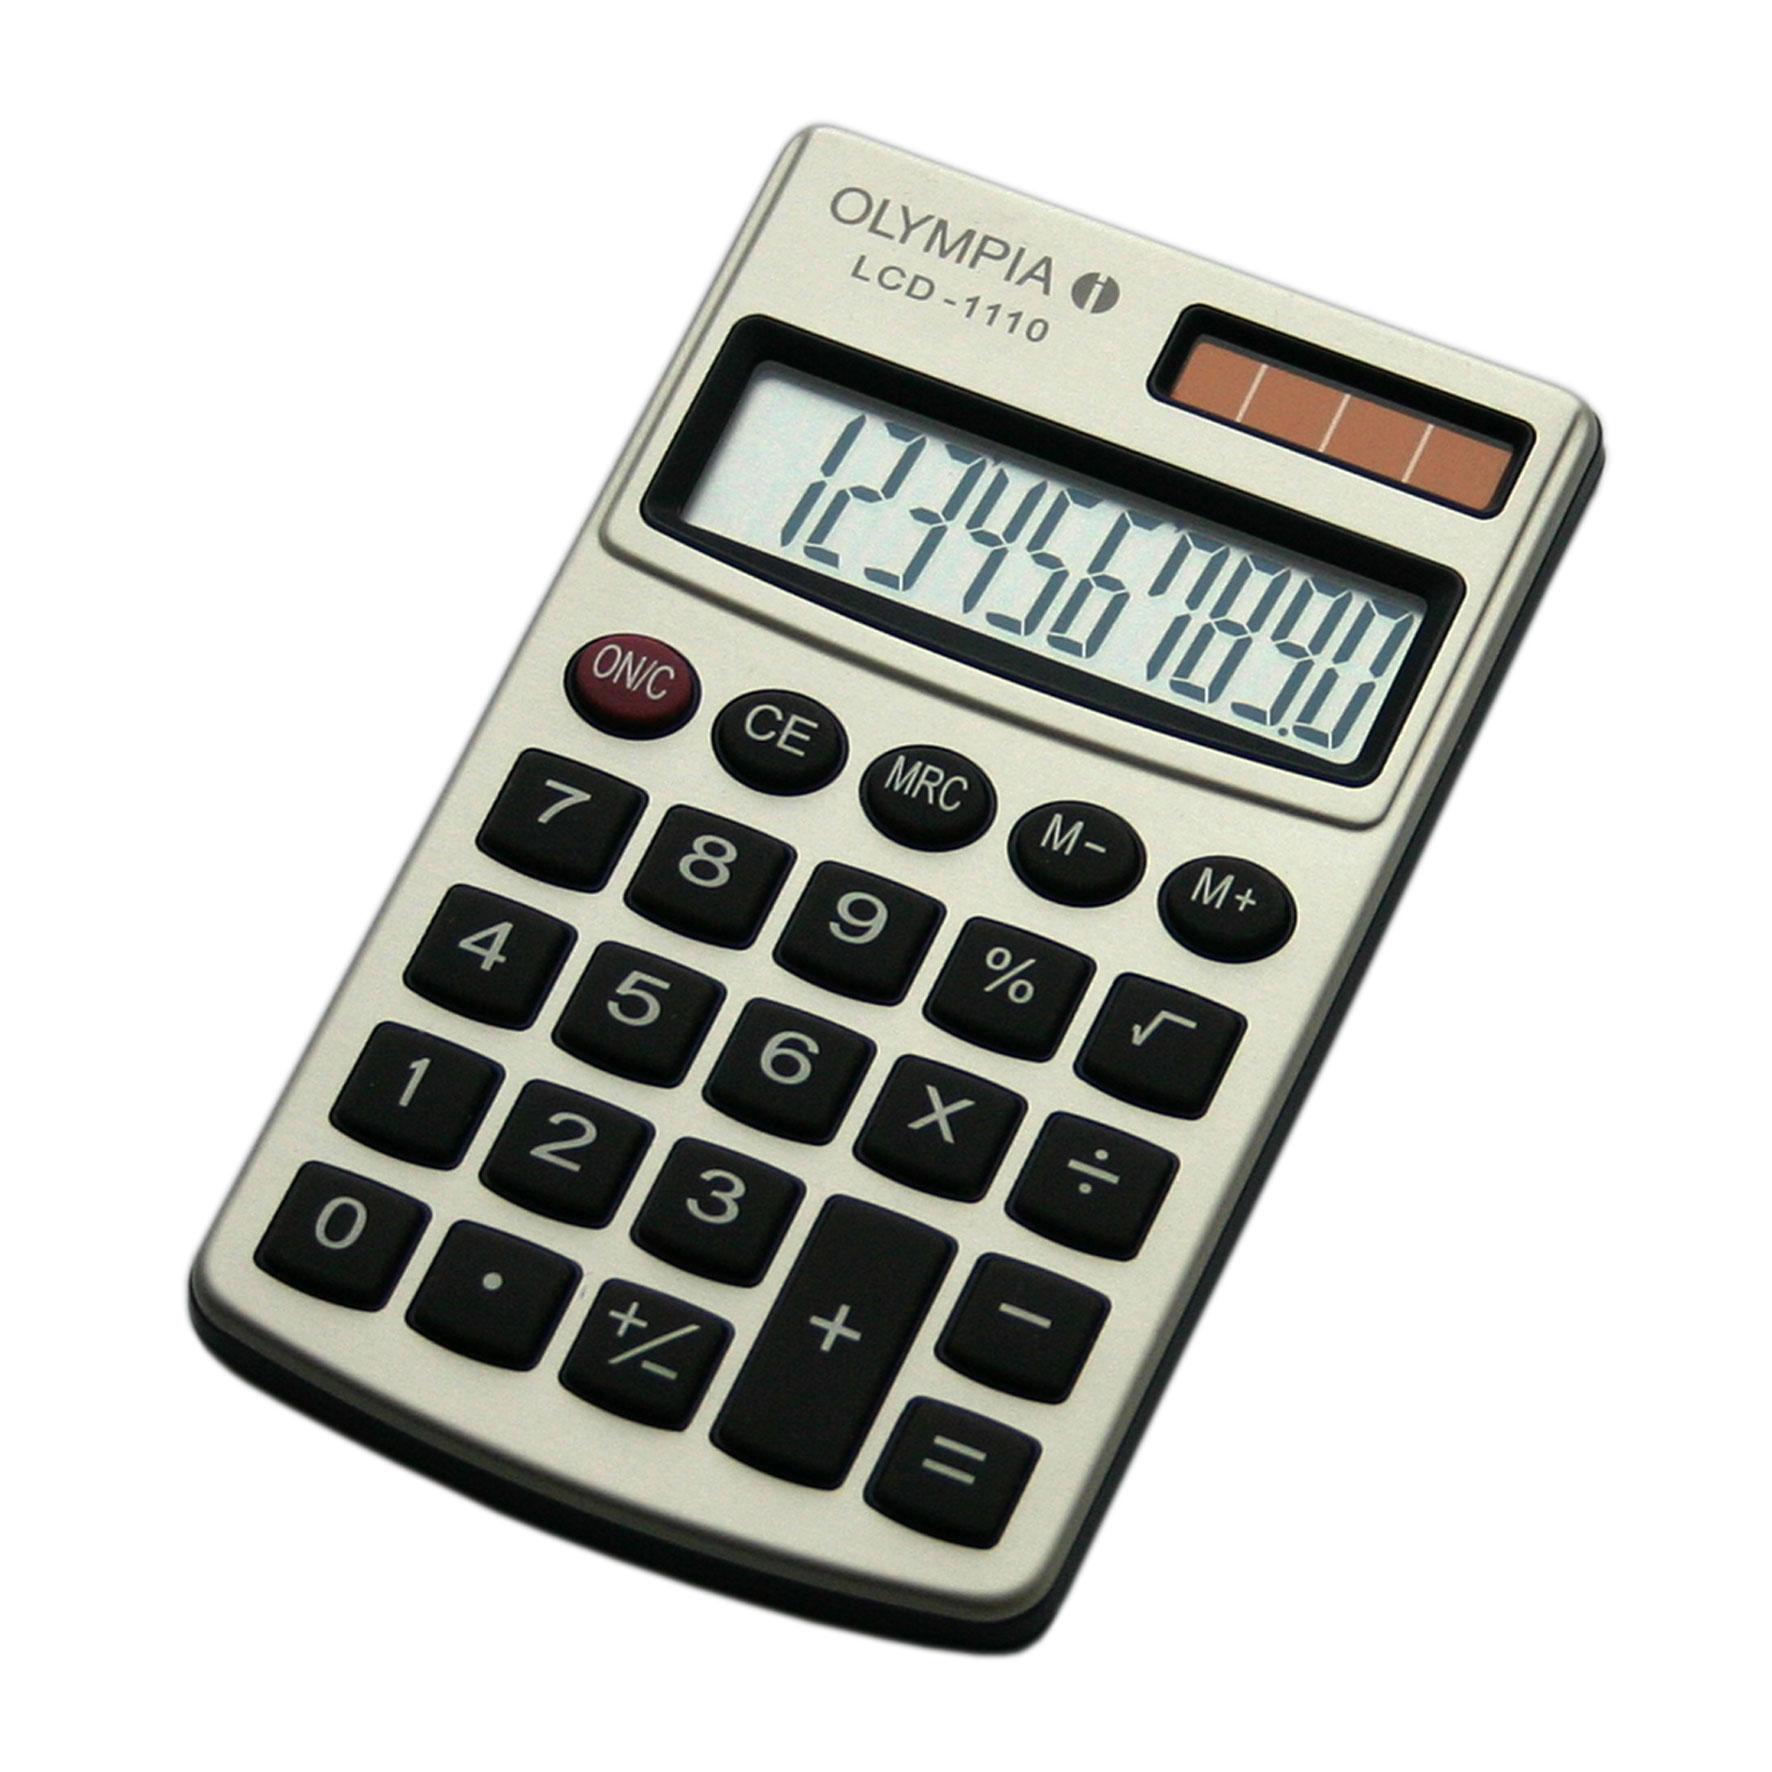 Olympia LCD 1110 - Einfacher Taschenrechner - 10-stelliges Display -silber